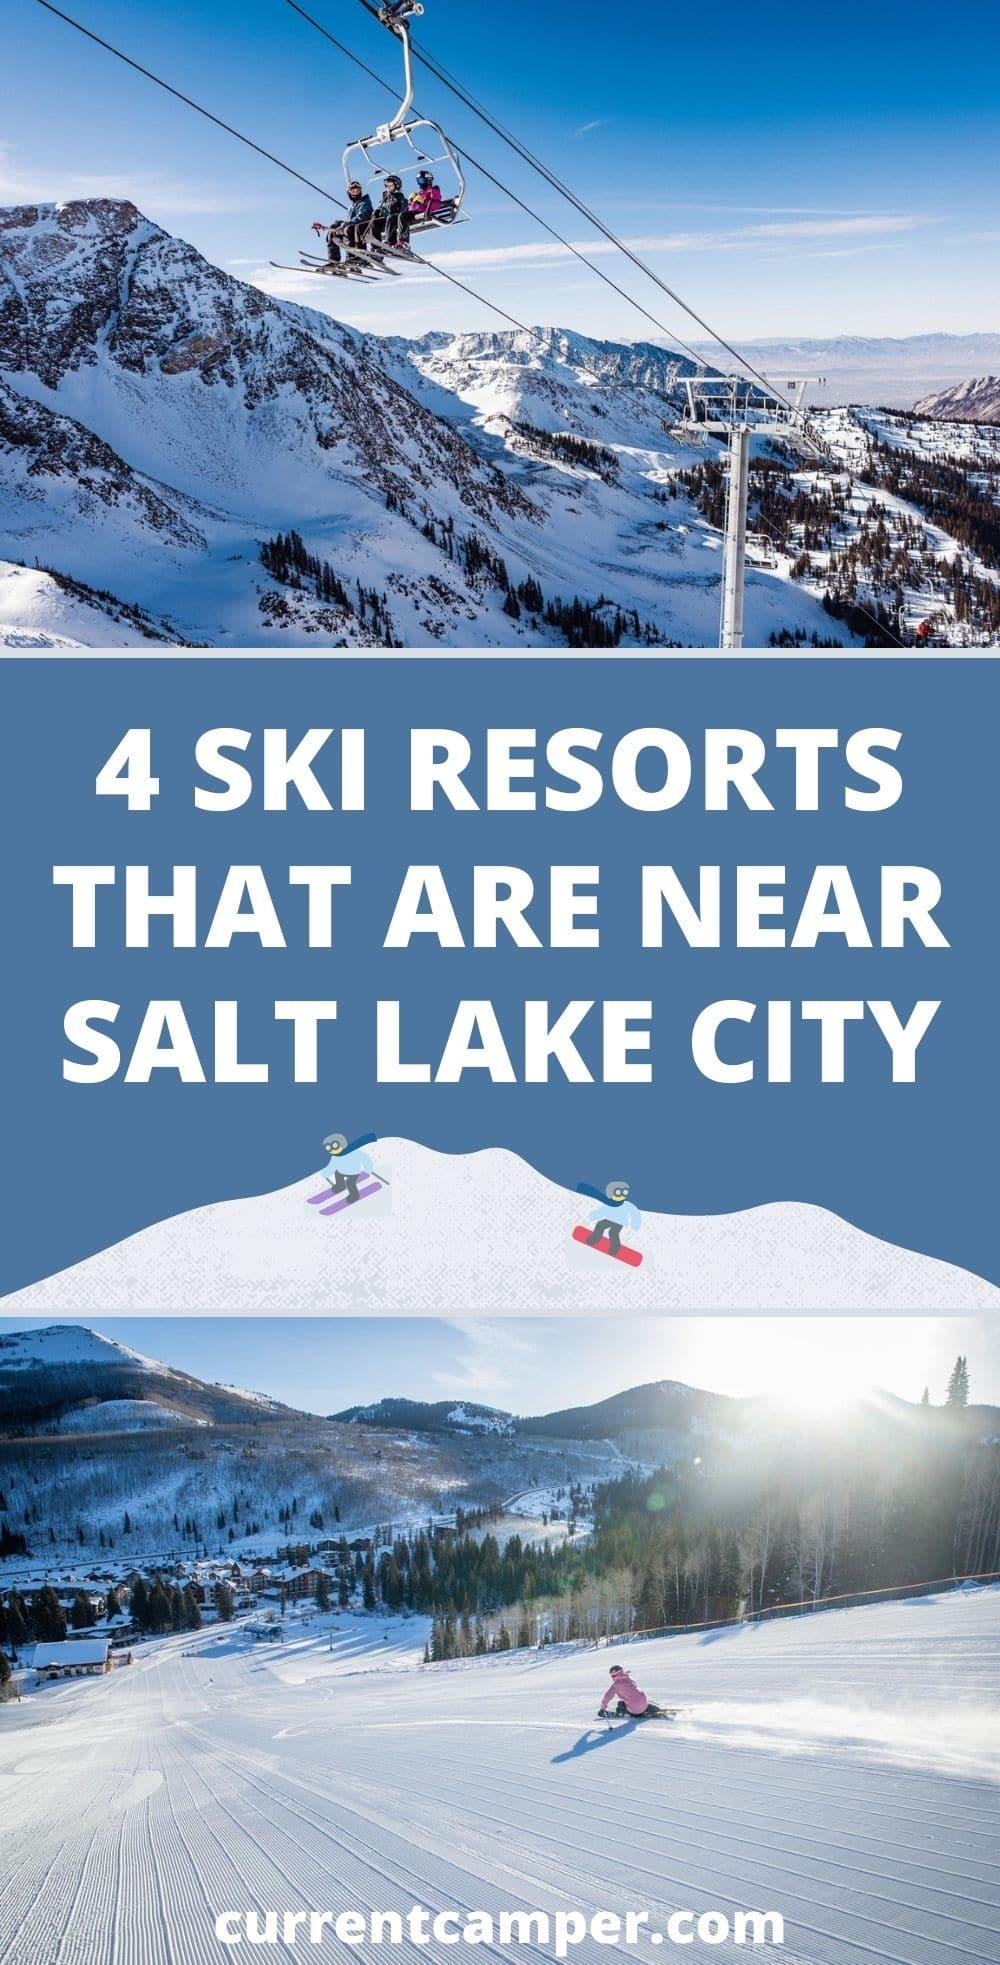 4 ski resorts near salt lake city, utah